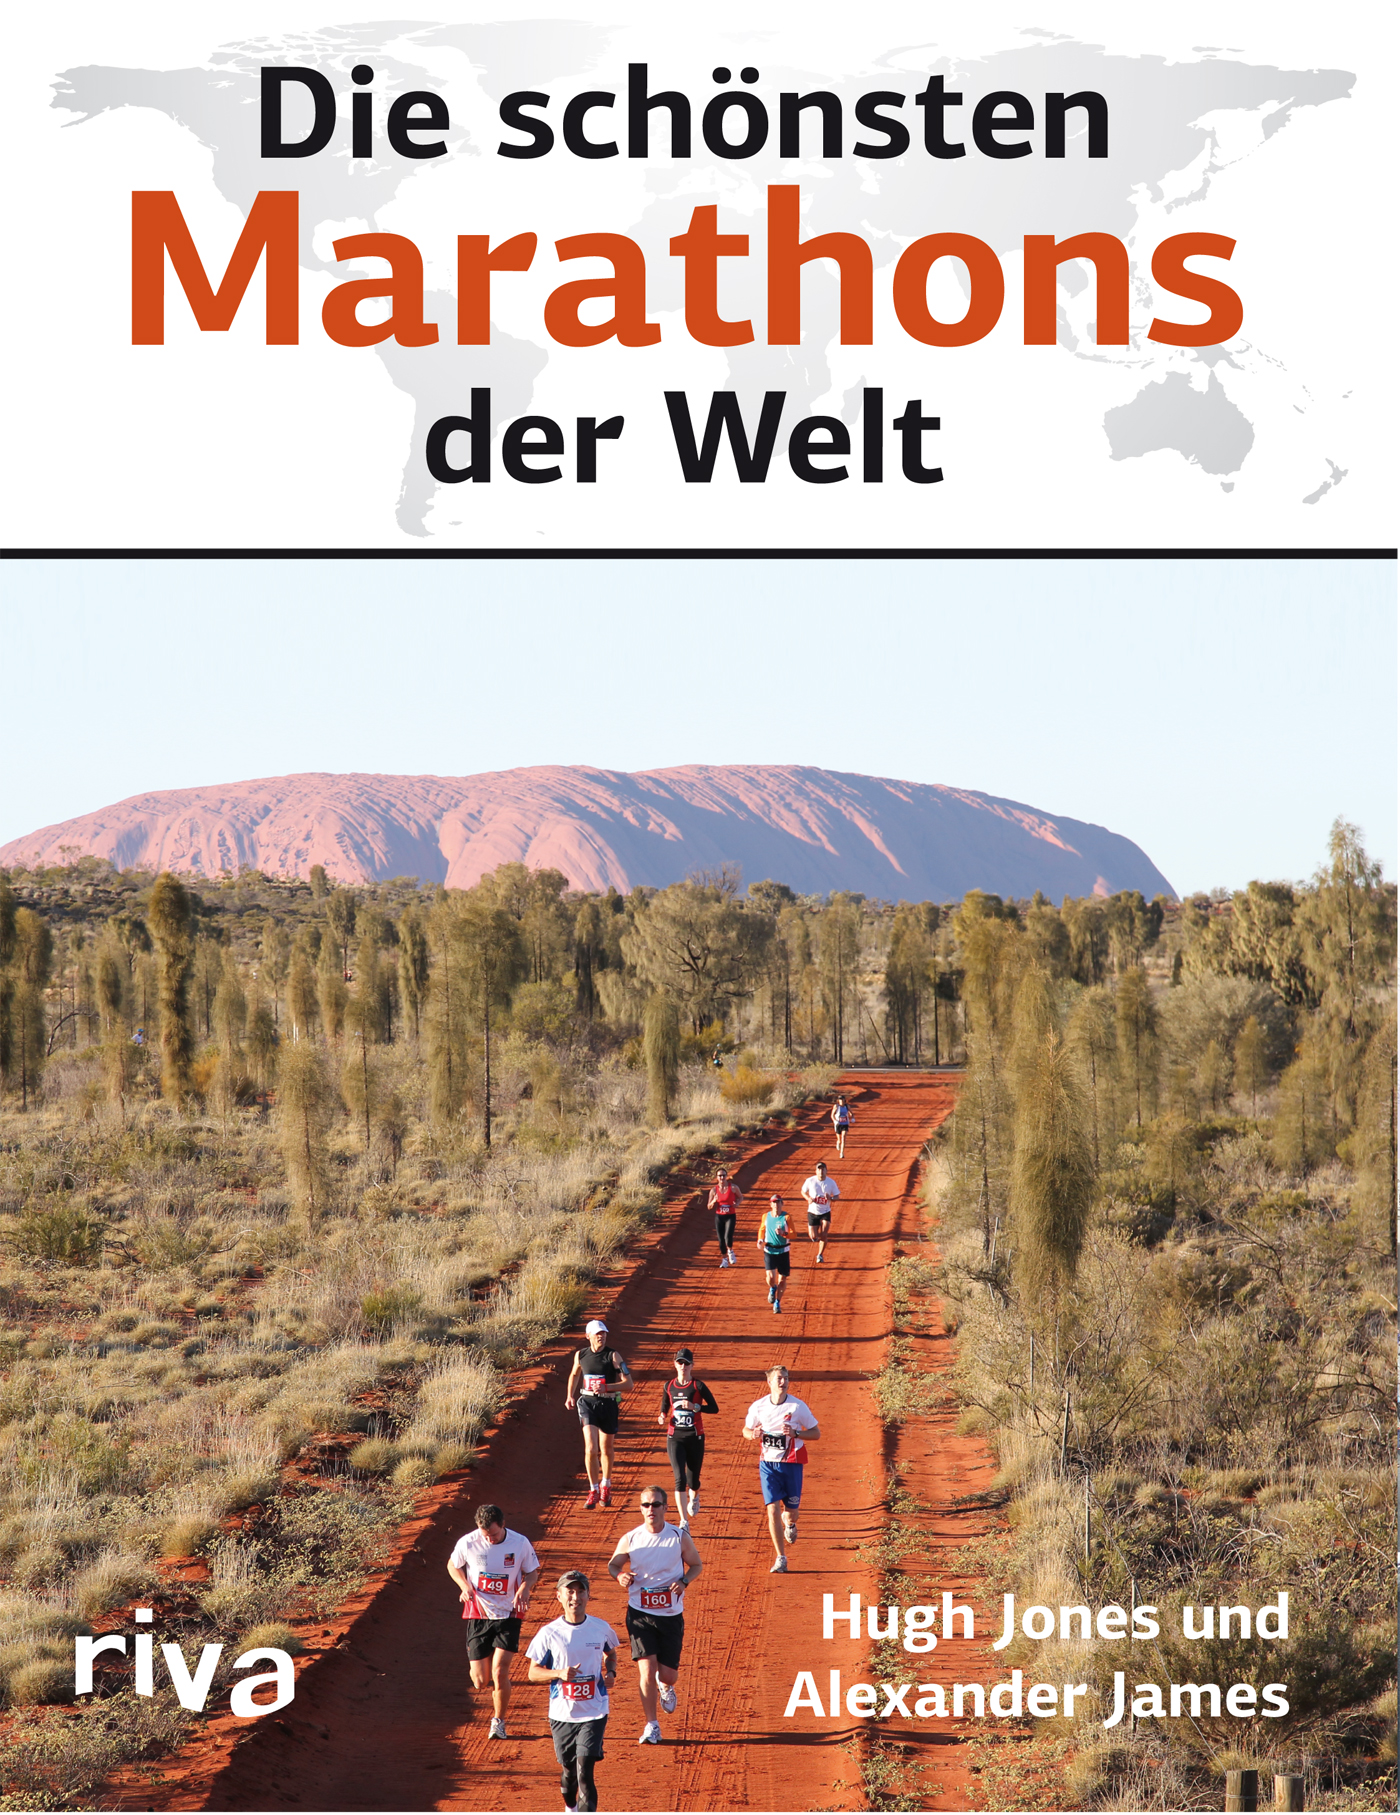 Die schönsten Marathons der Welt - Alexander James